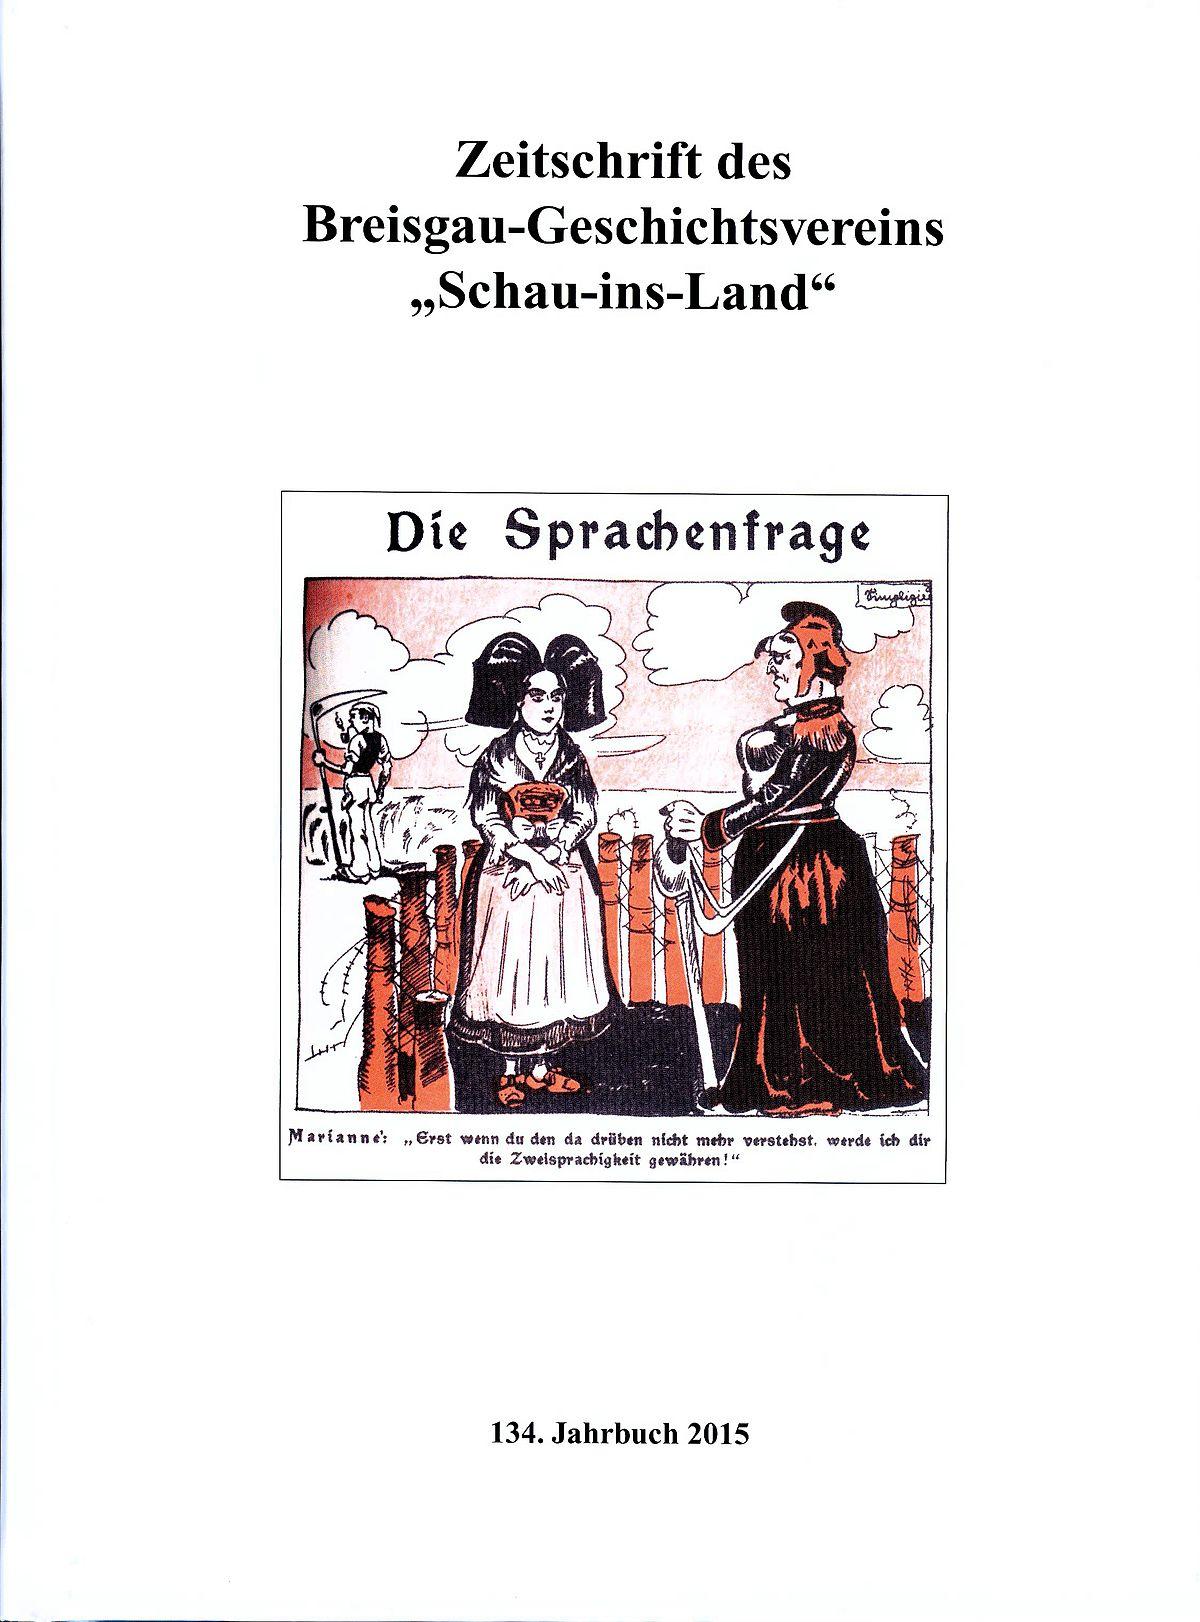 """Zeitschrift des Breisgau-Geschichtsvereins """"Schau-ins-Land"""" – Wikipedia"""